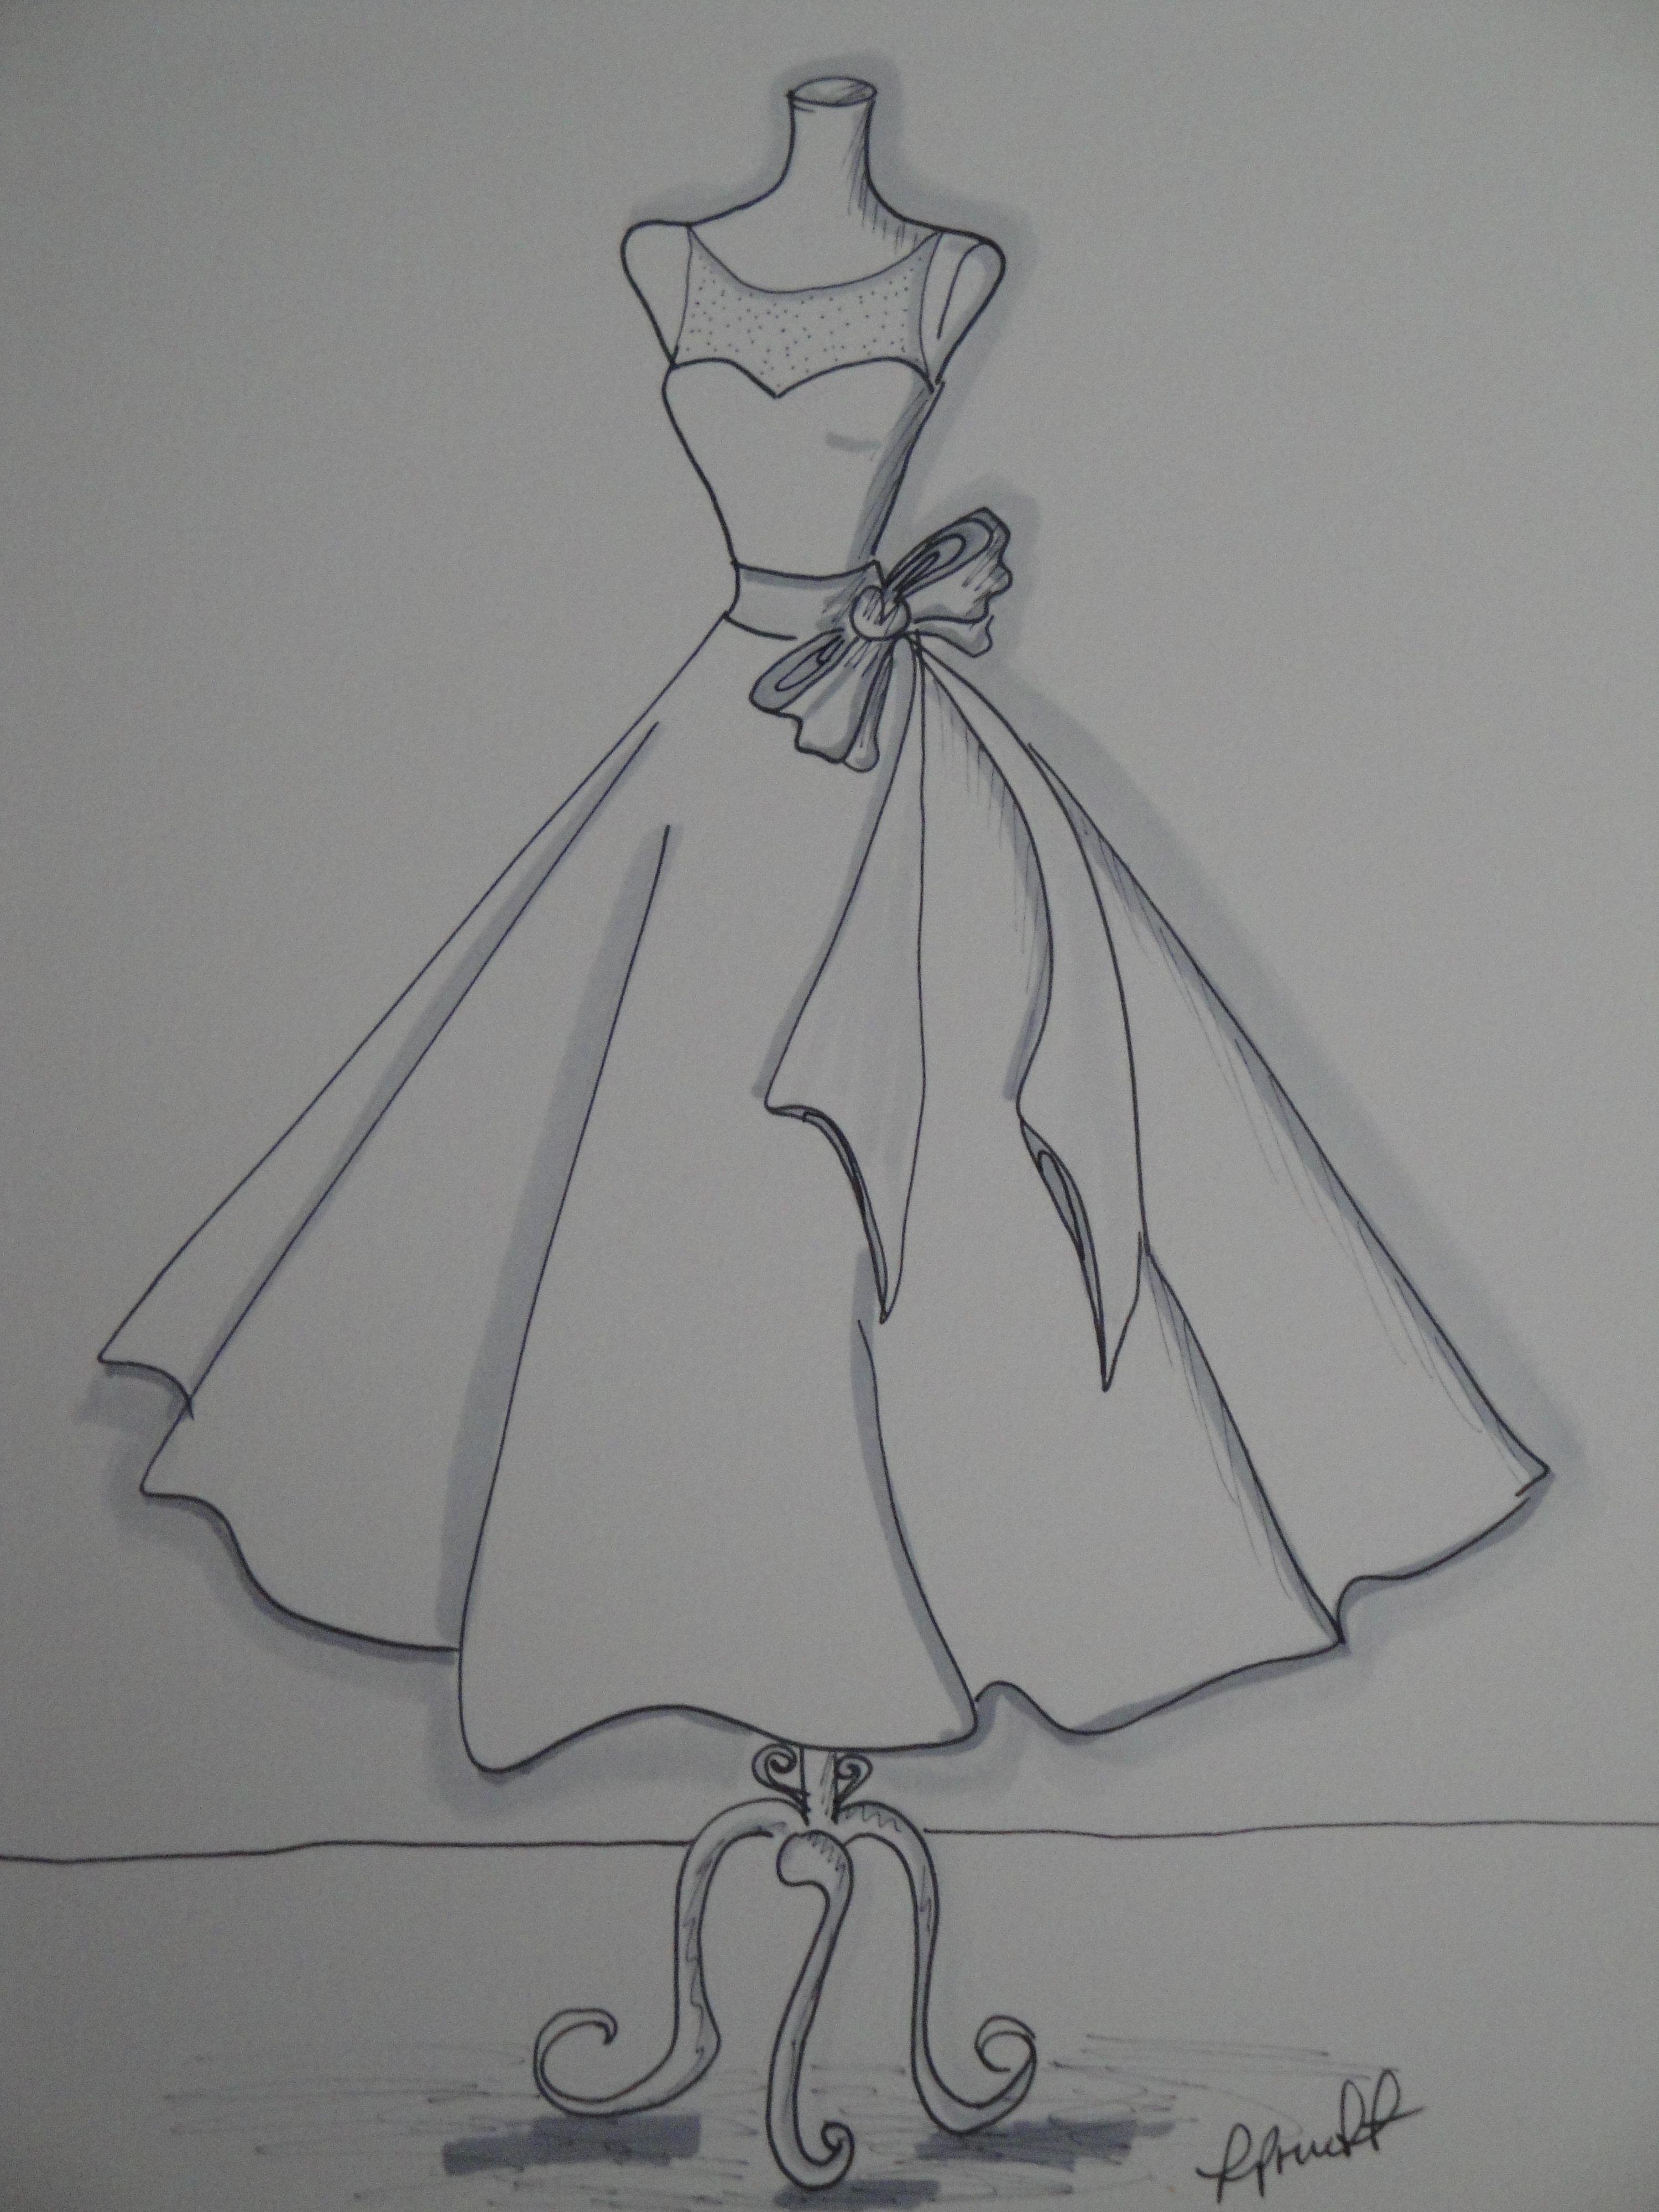 Custom Wedding Dress Sketch by Laura Pruett of Laura Arts